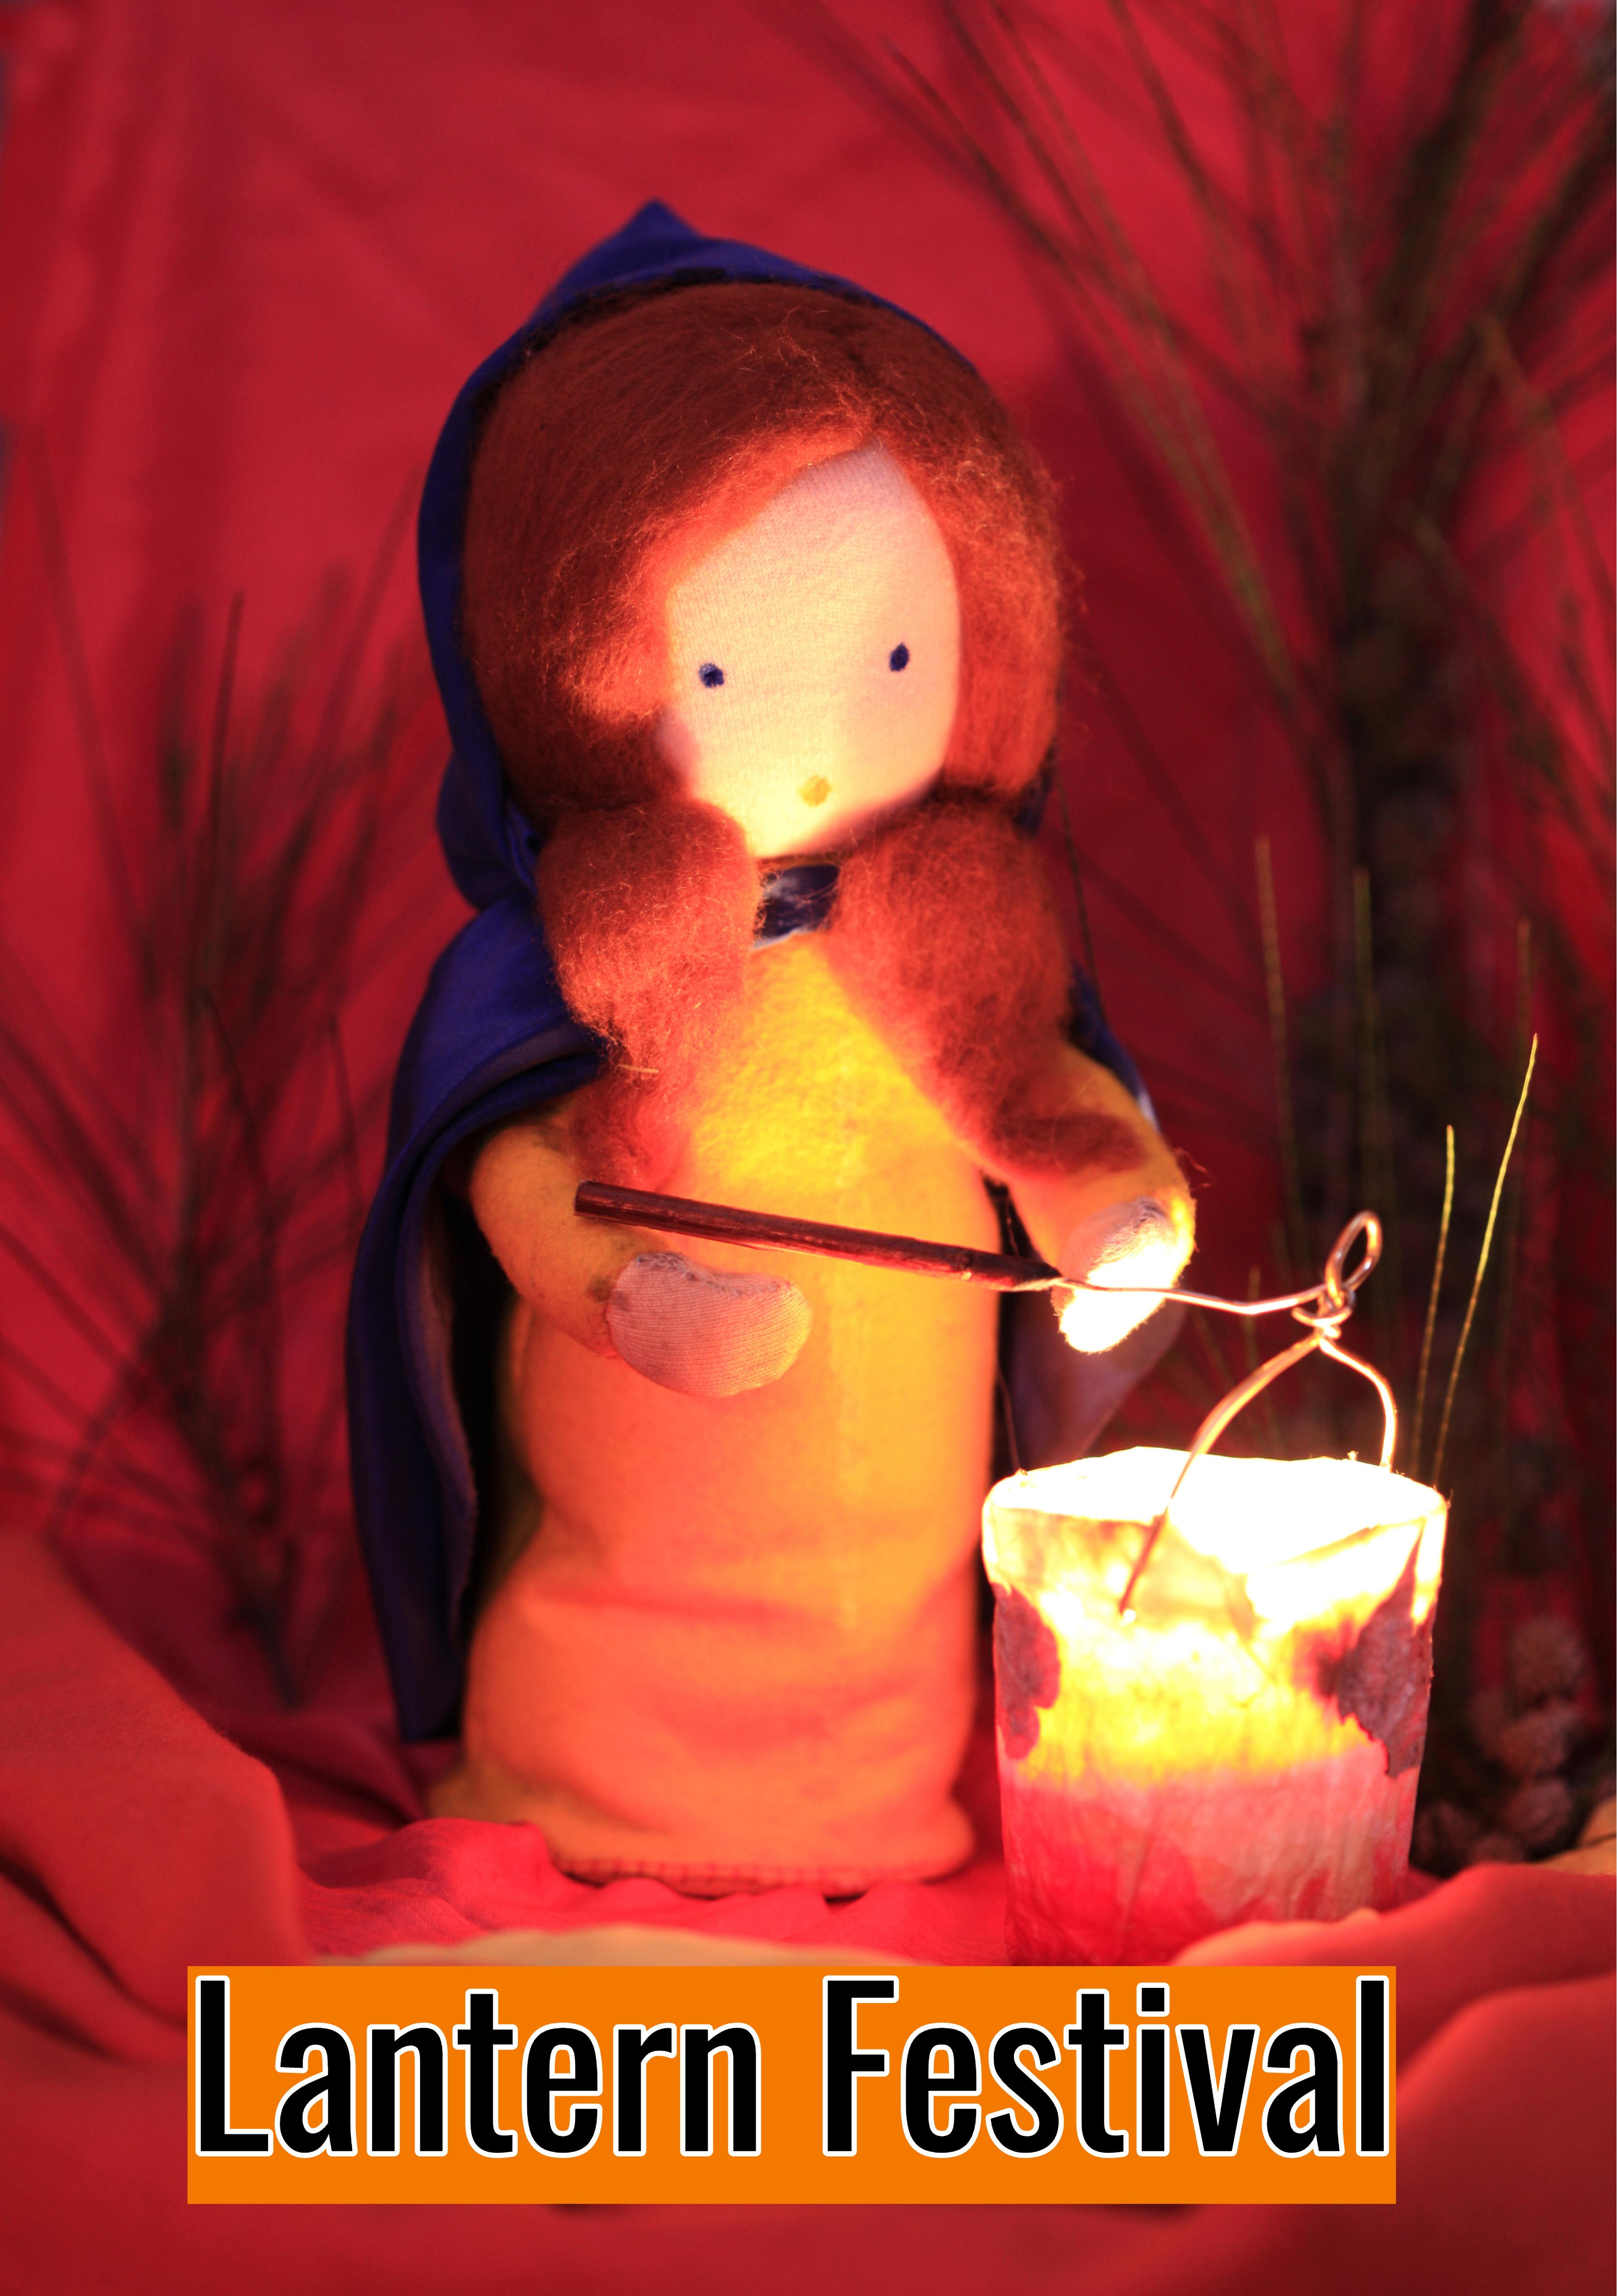 Lantern Festival - 9/11/21 4pm-6pm